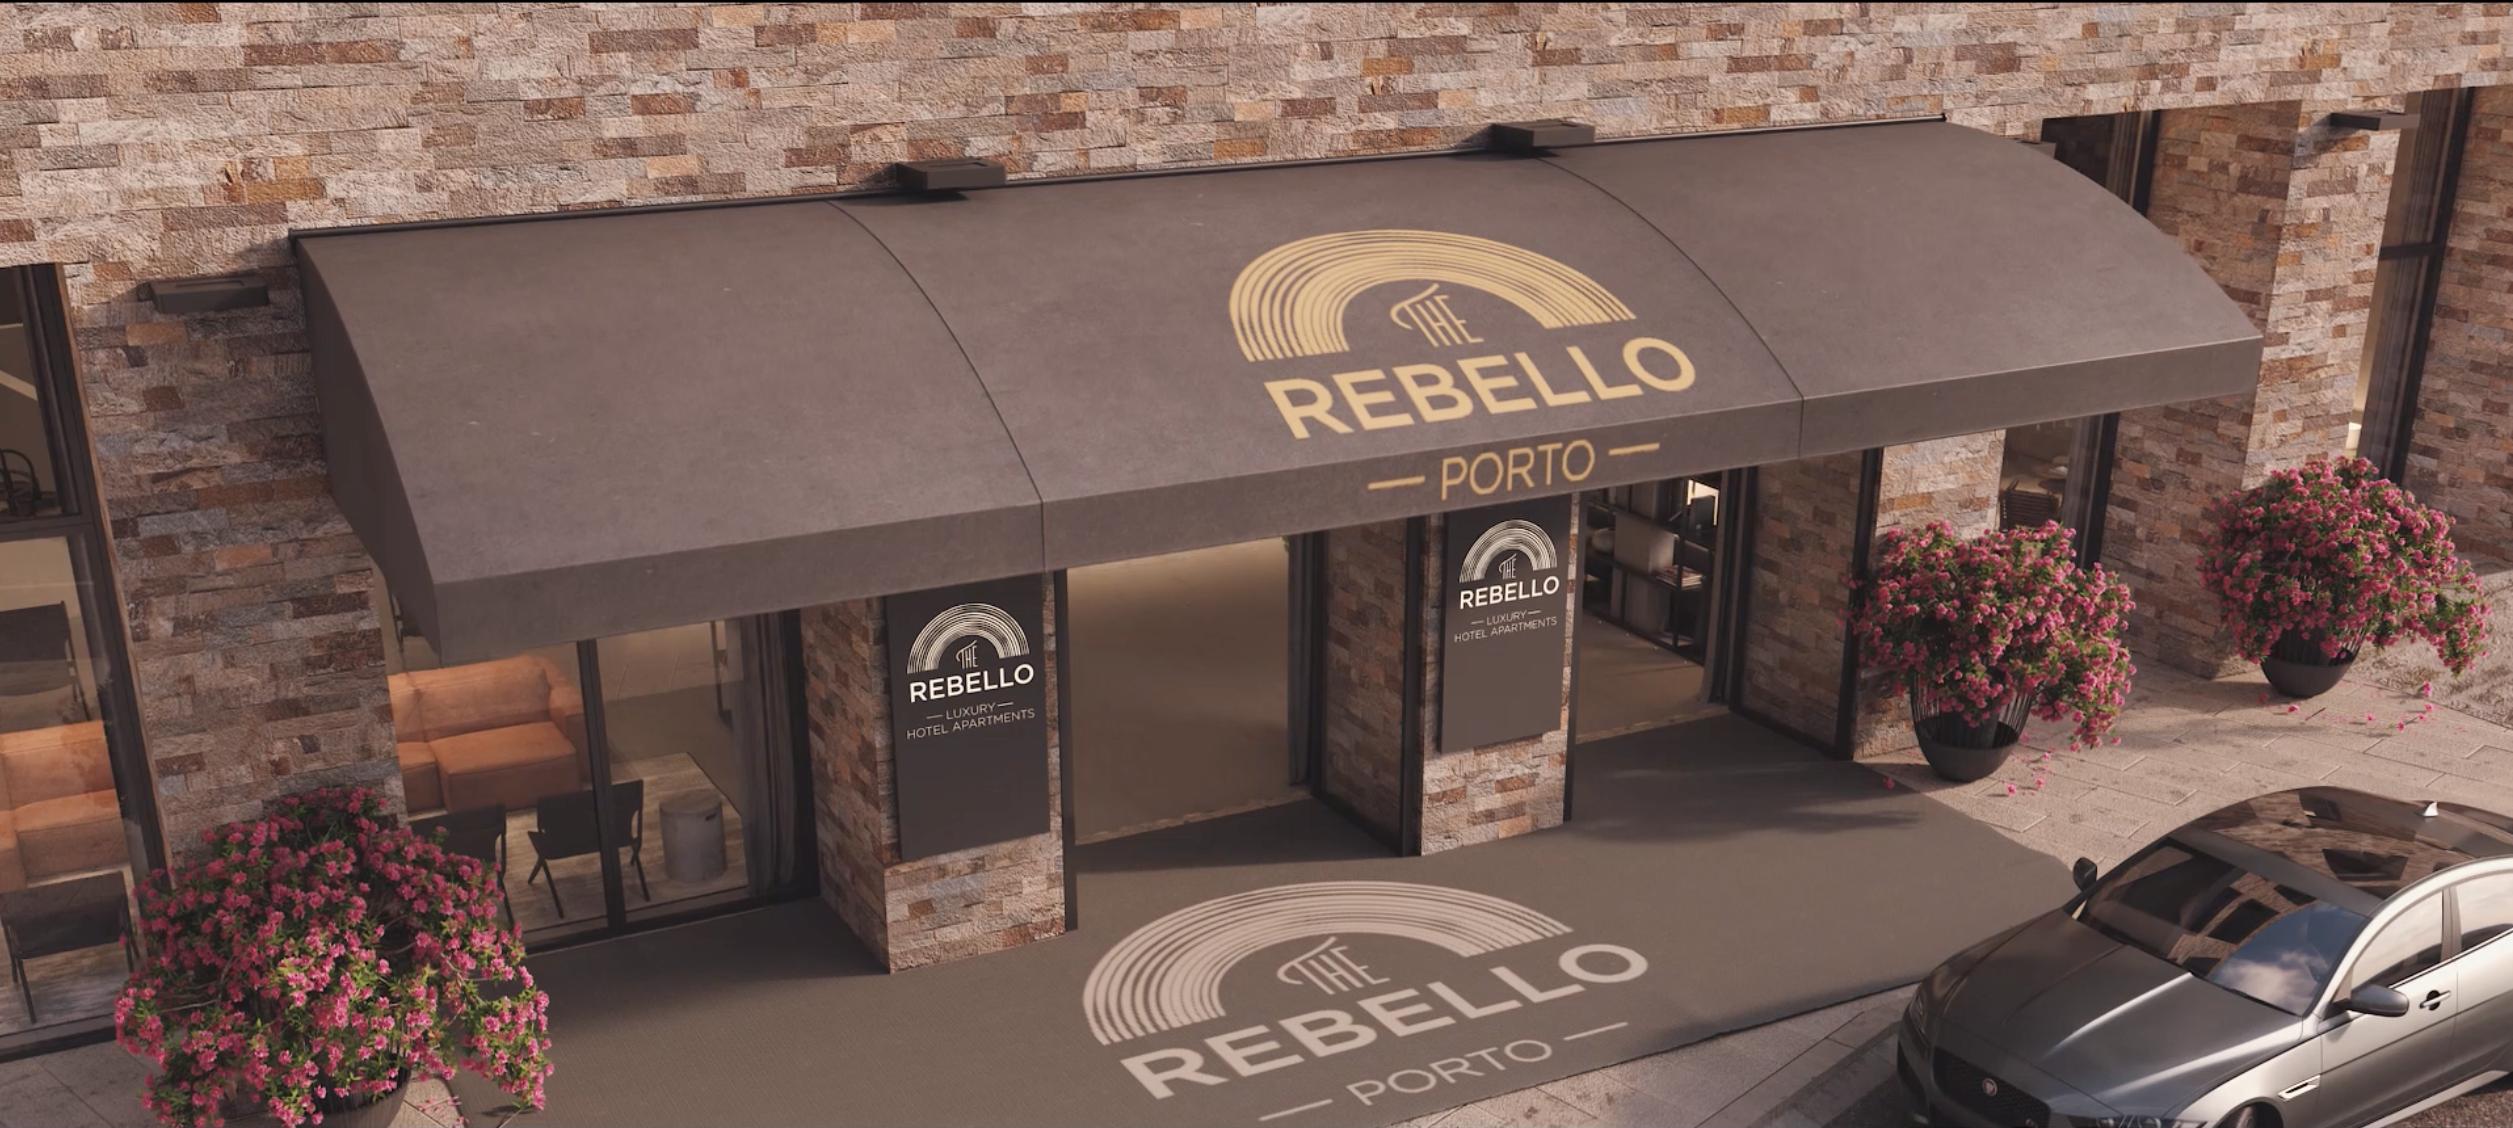 The Rebello hotel- Porto